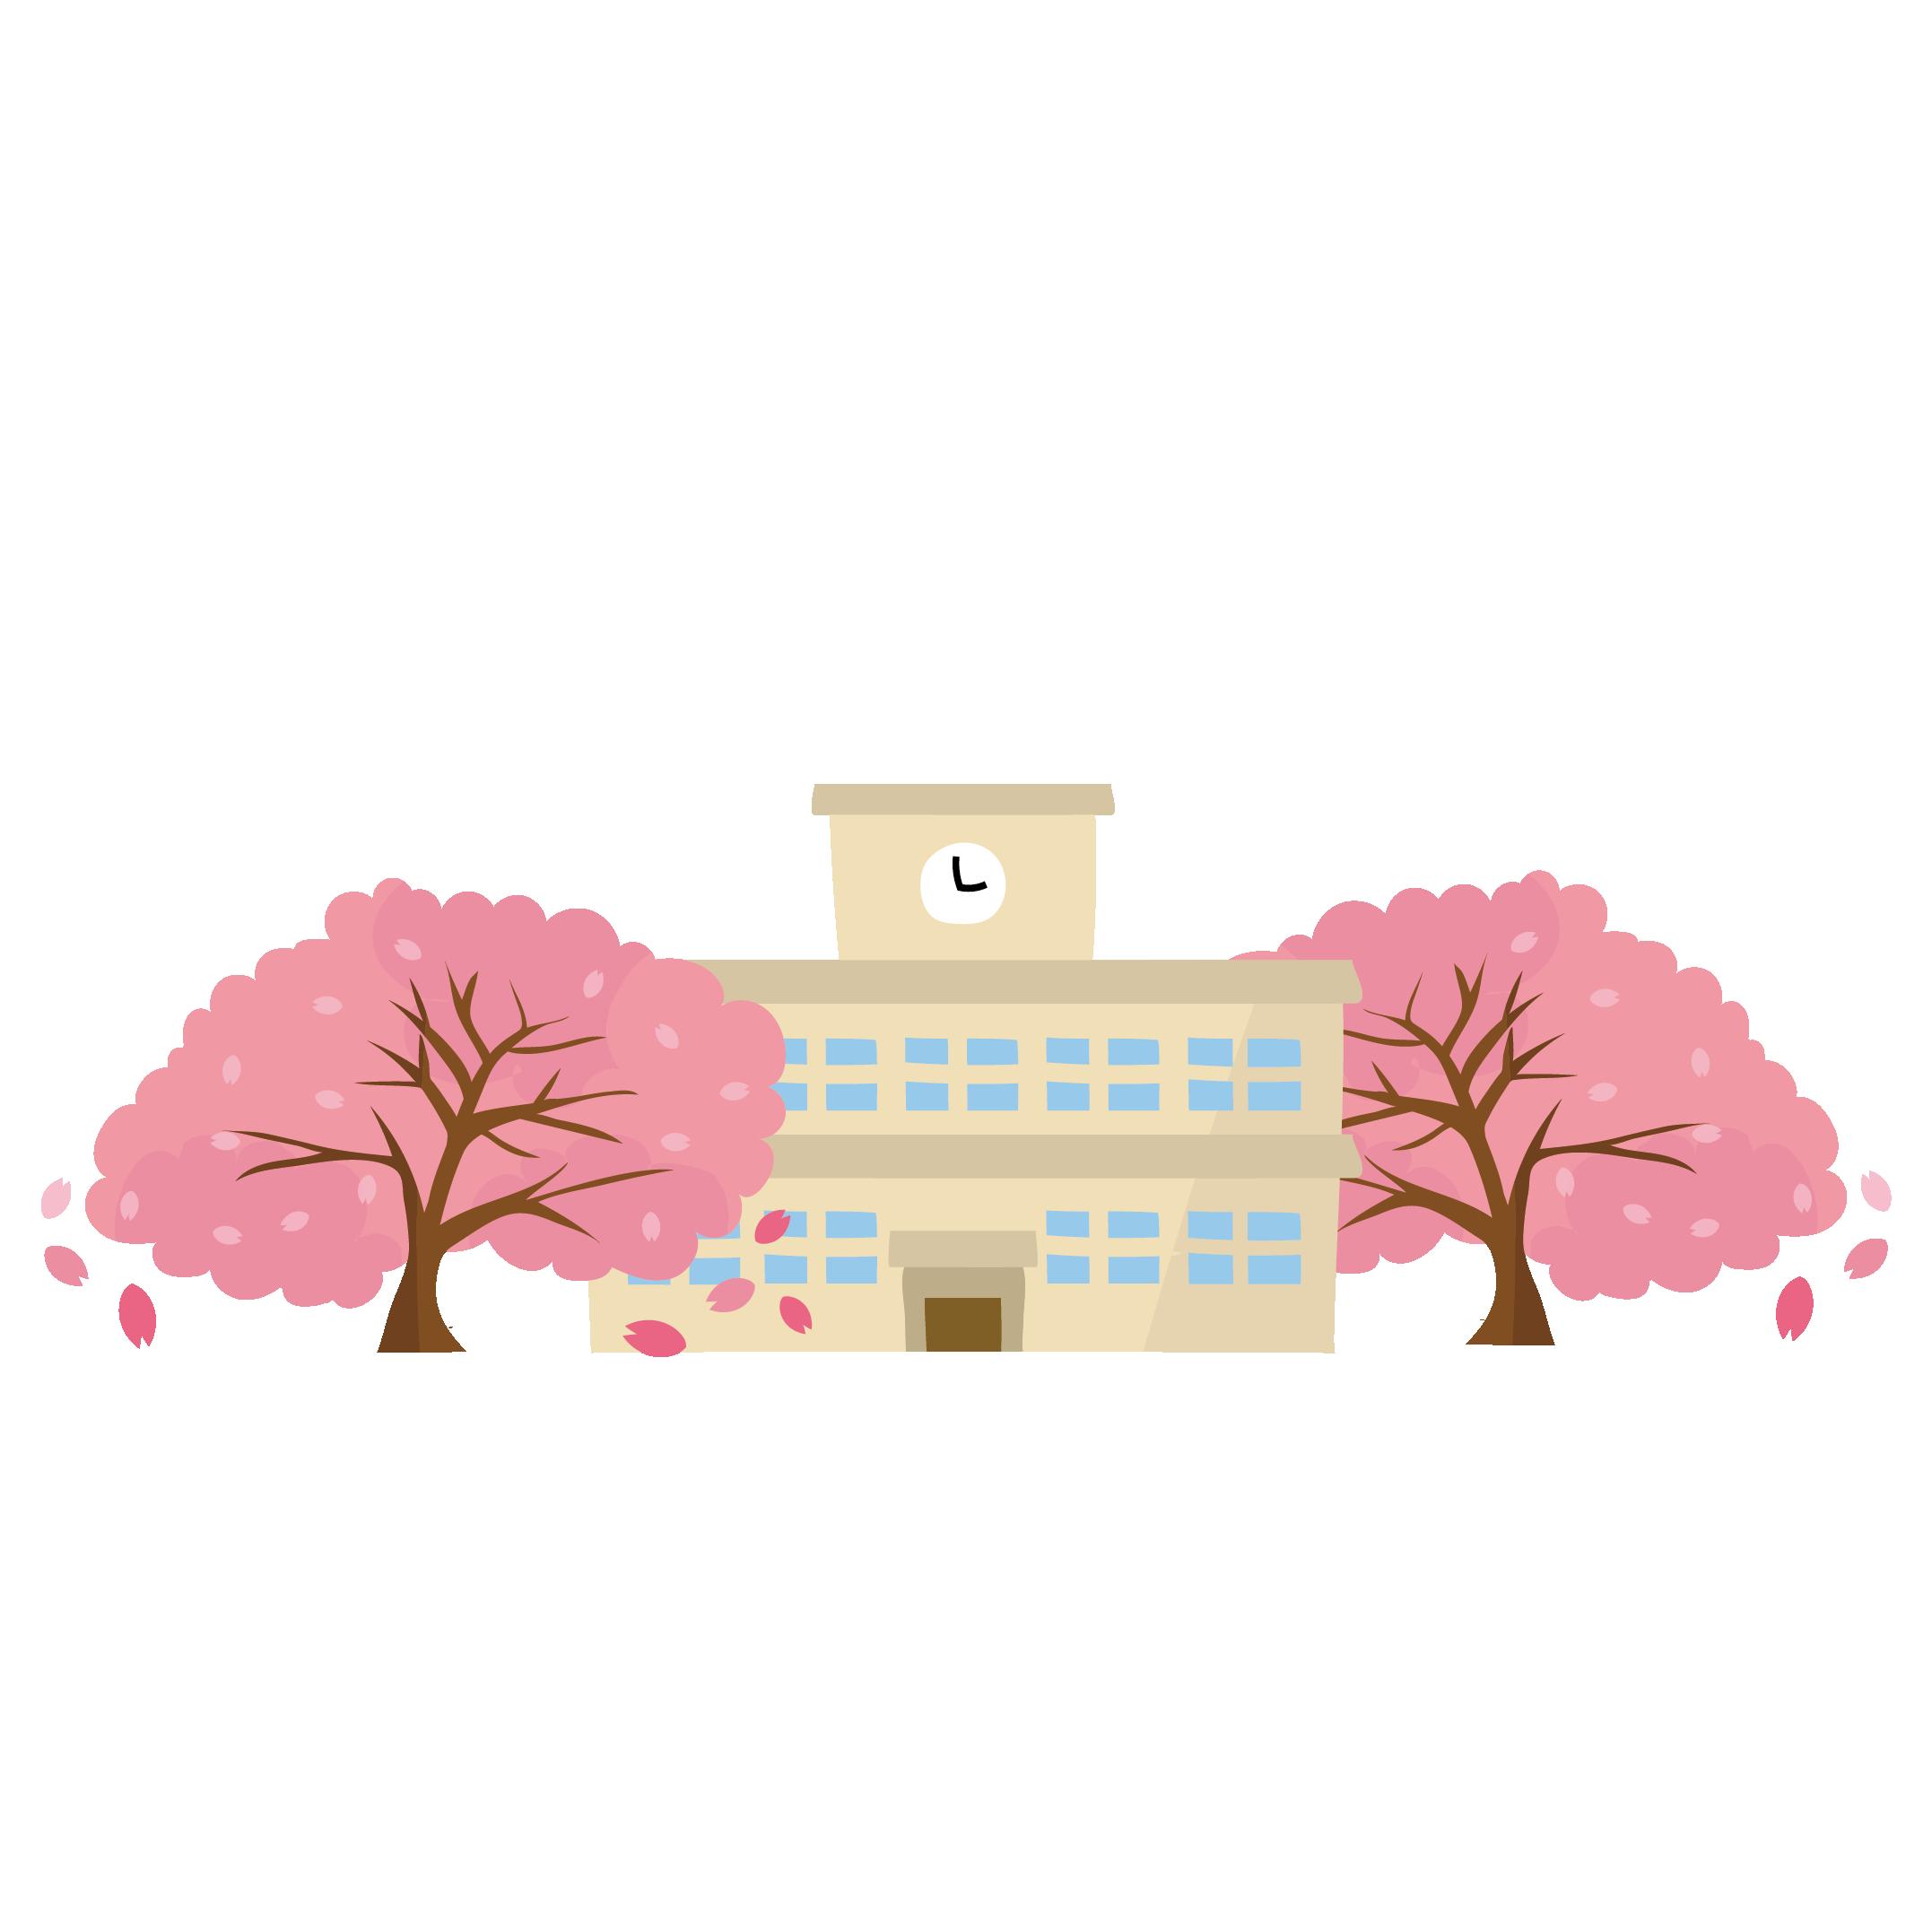 卒業式の日の学校と桜の フリー イラスト 商用フリー無料のイラスト